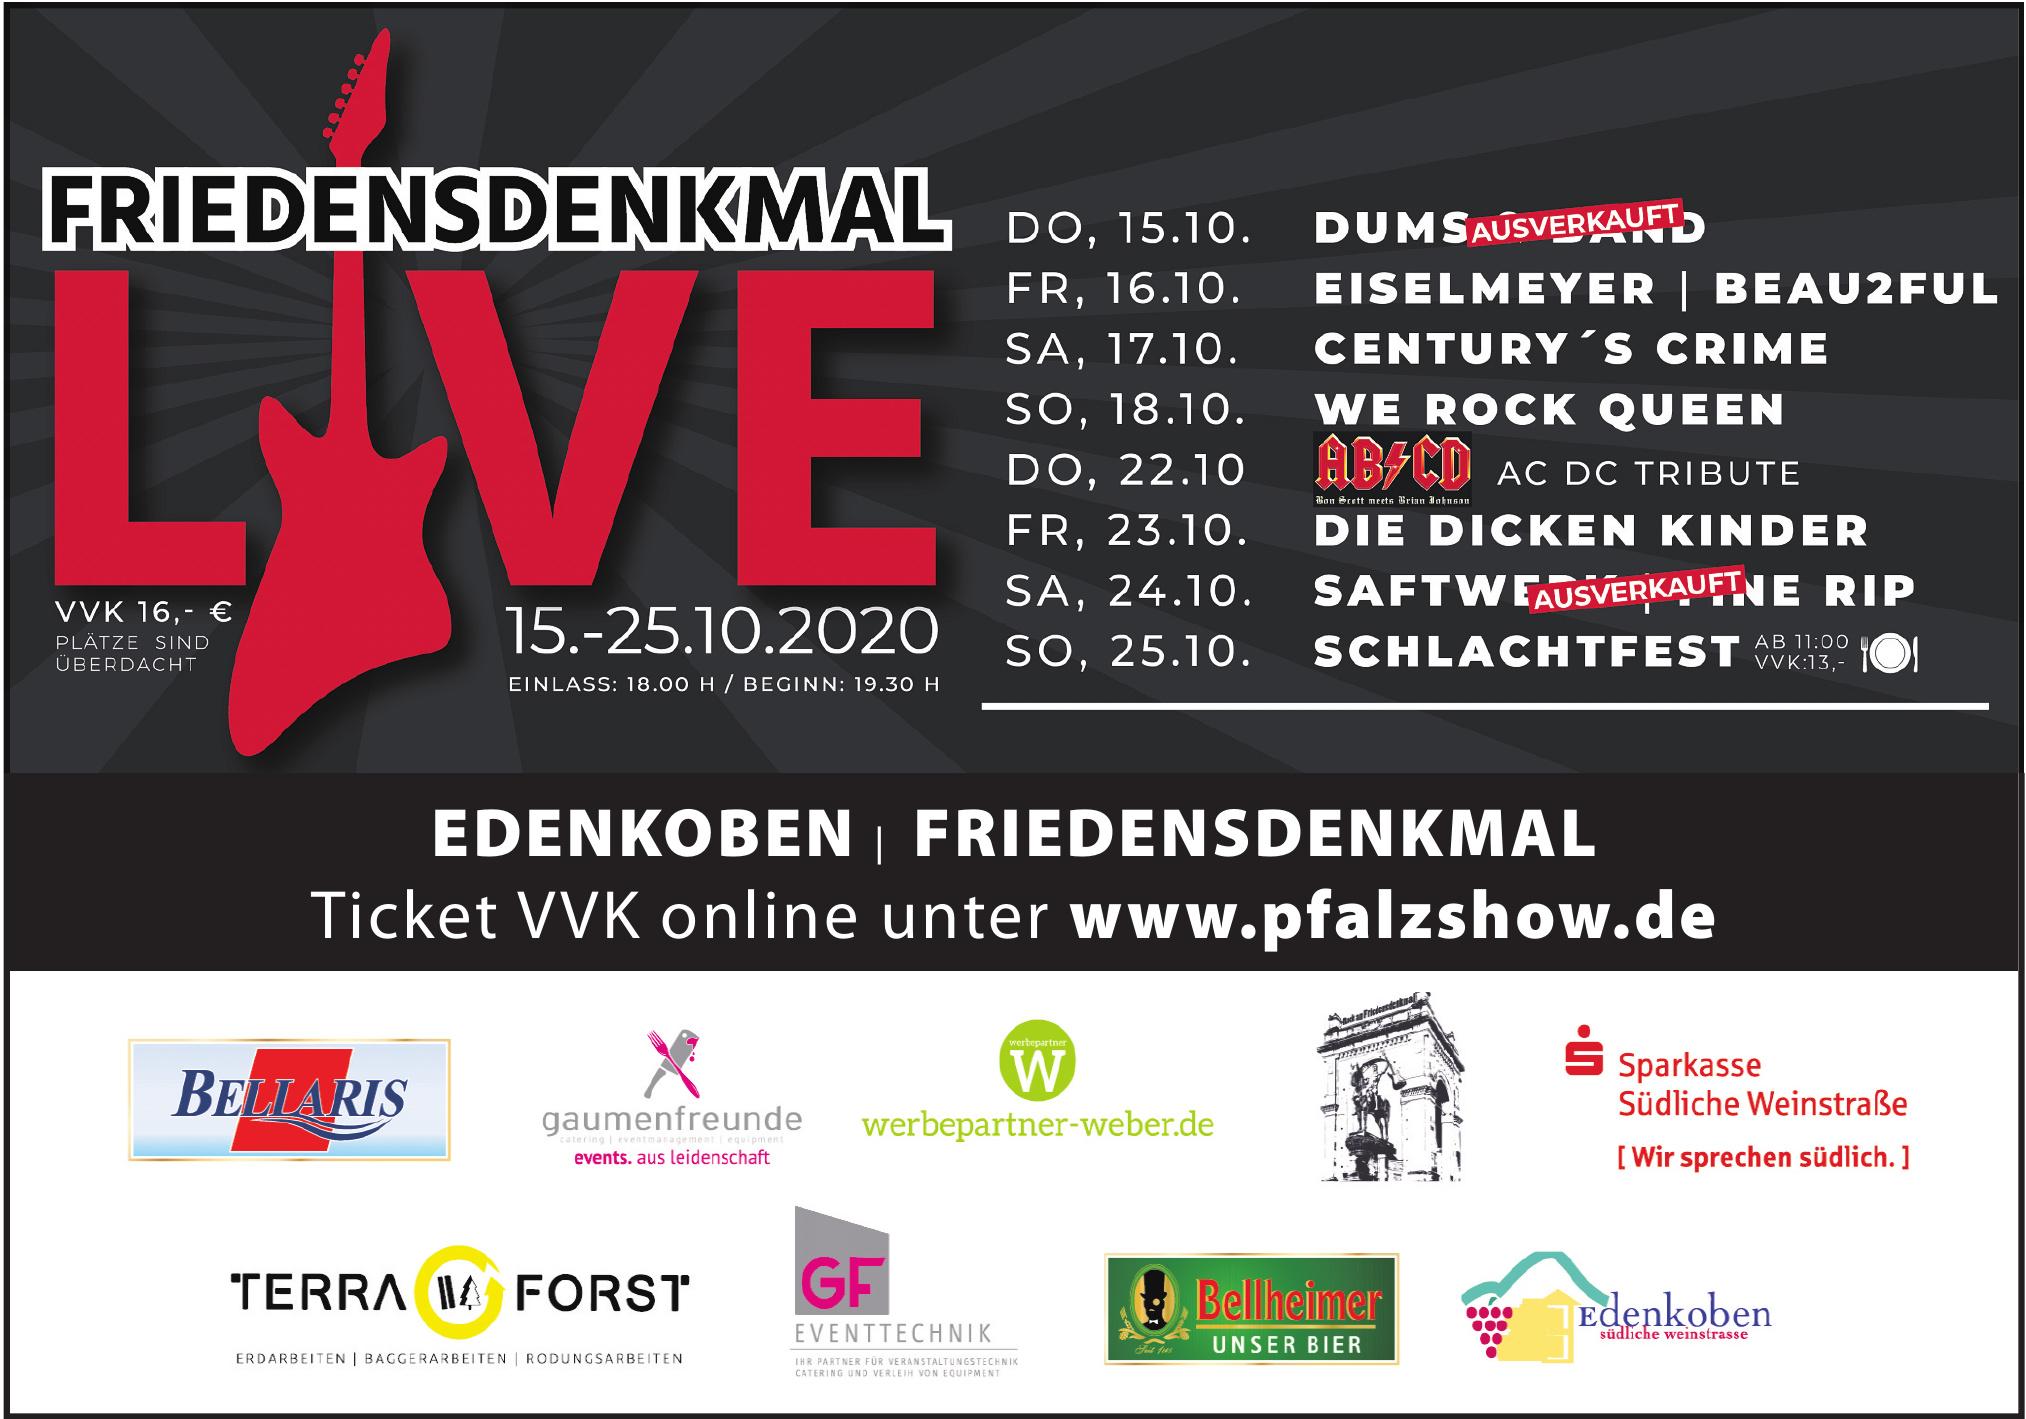 PfalzShow - Friedensdenkmal Live